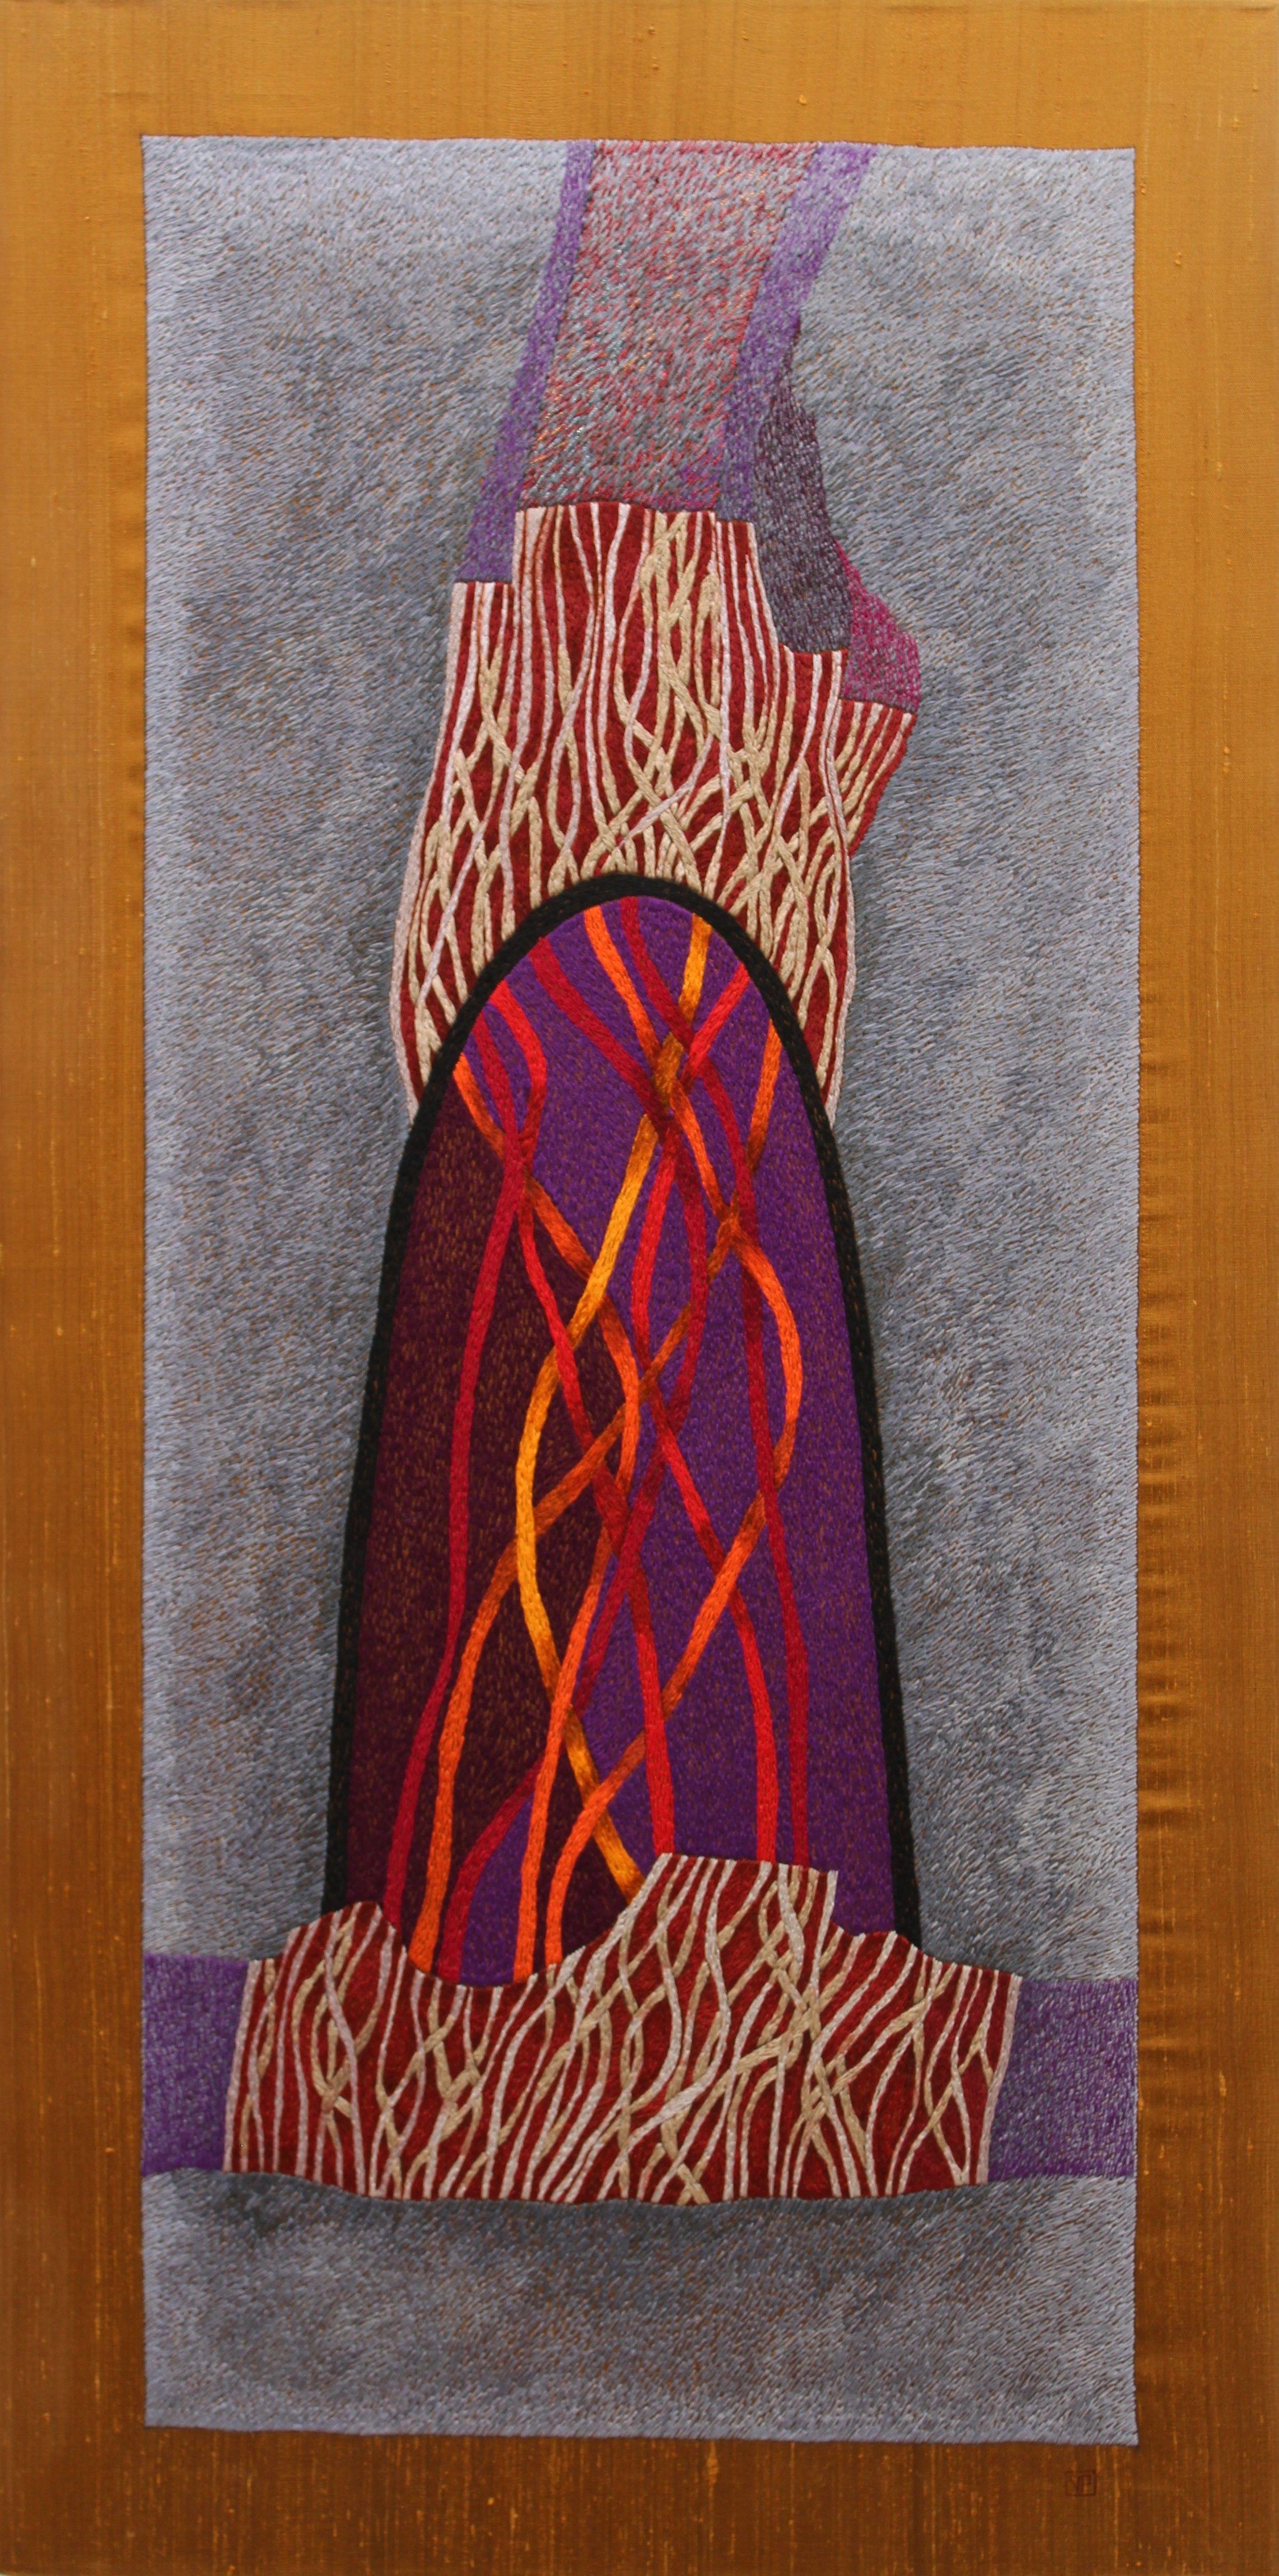 Victoria Potrovitza © 2010 Hand embroidery.